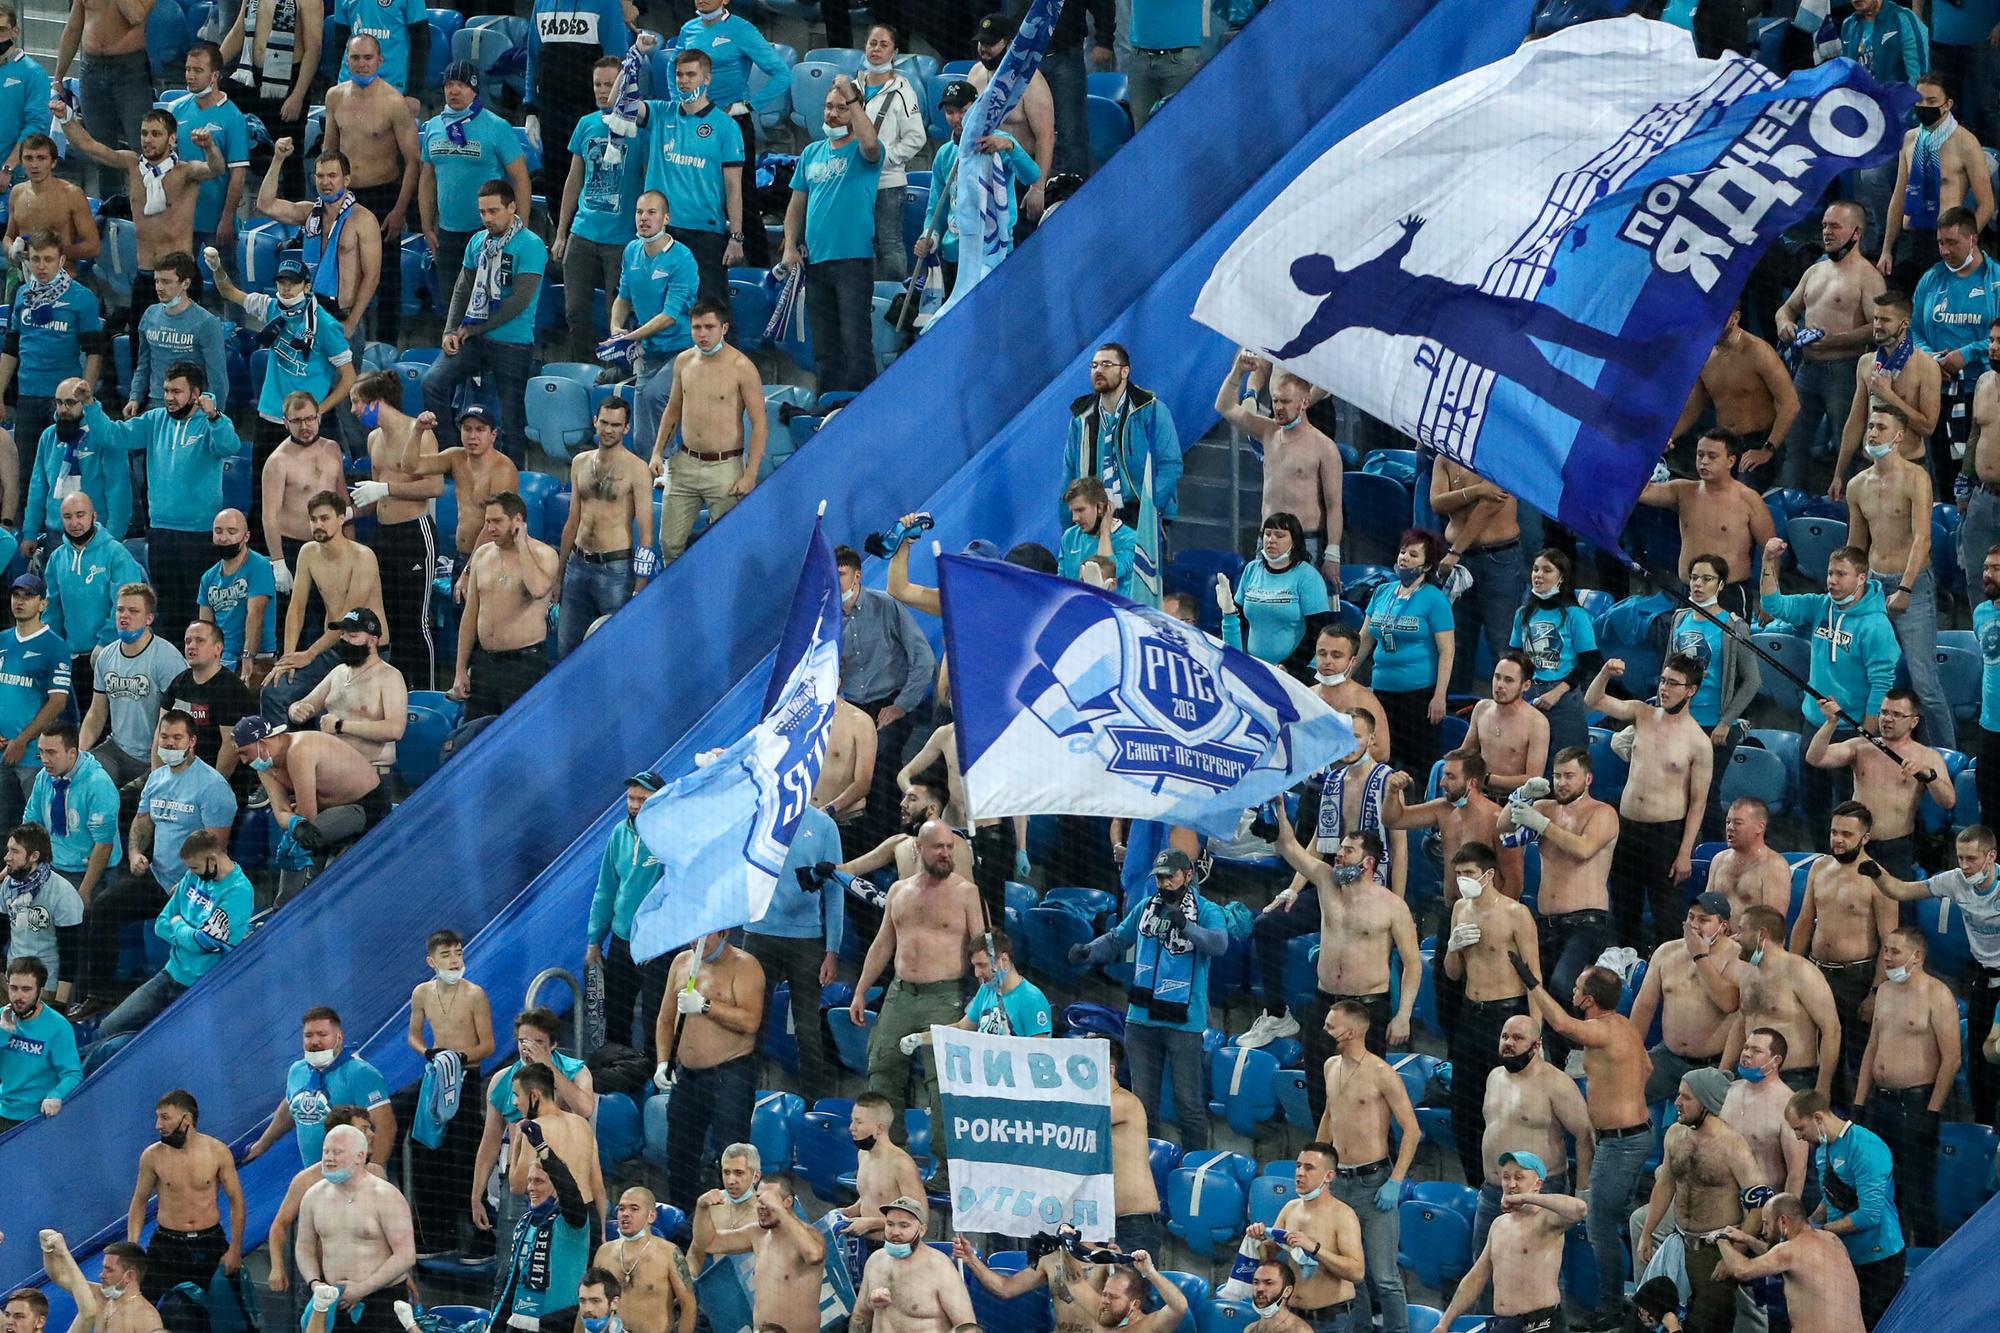 De supporters van Zenit deden alsof het virus niet bestond, GETTY